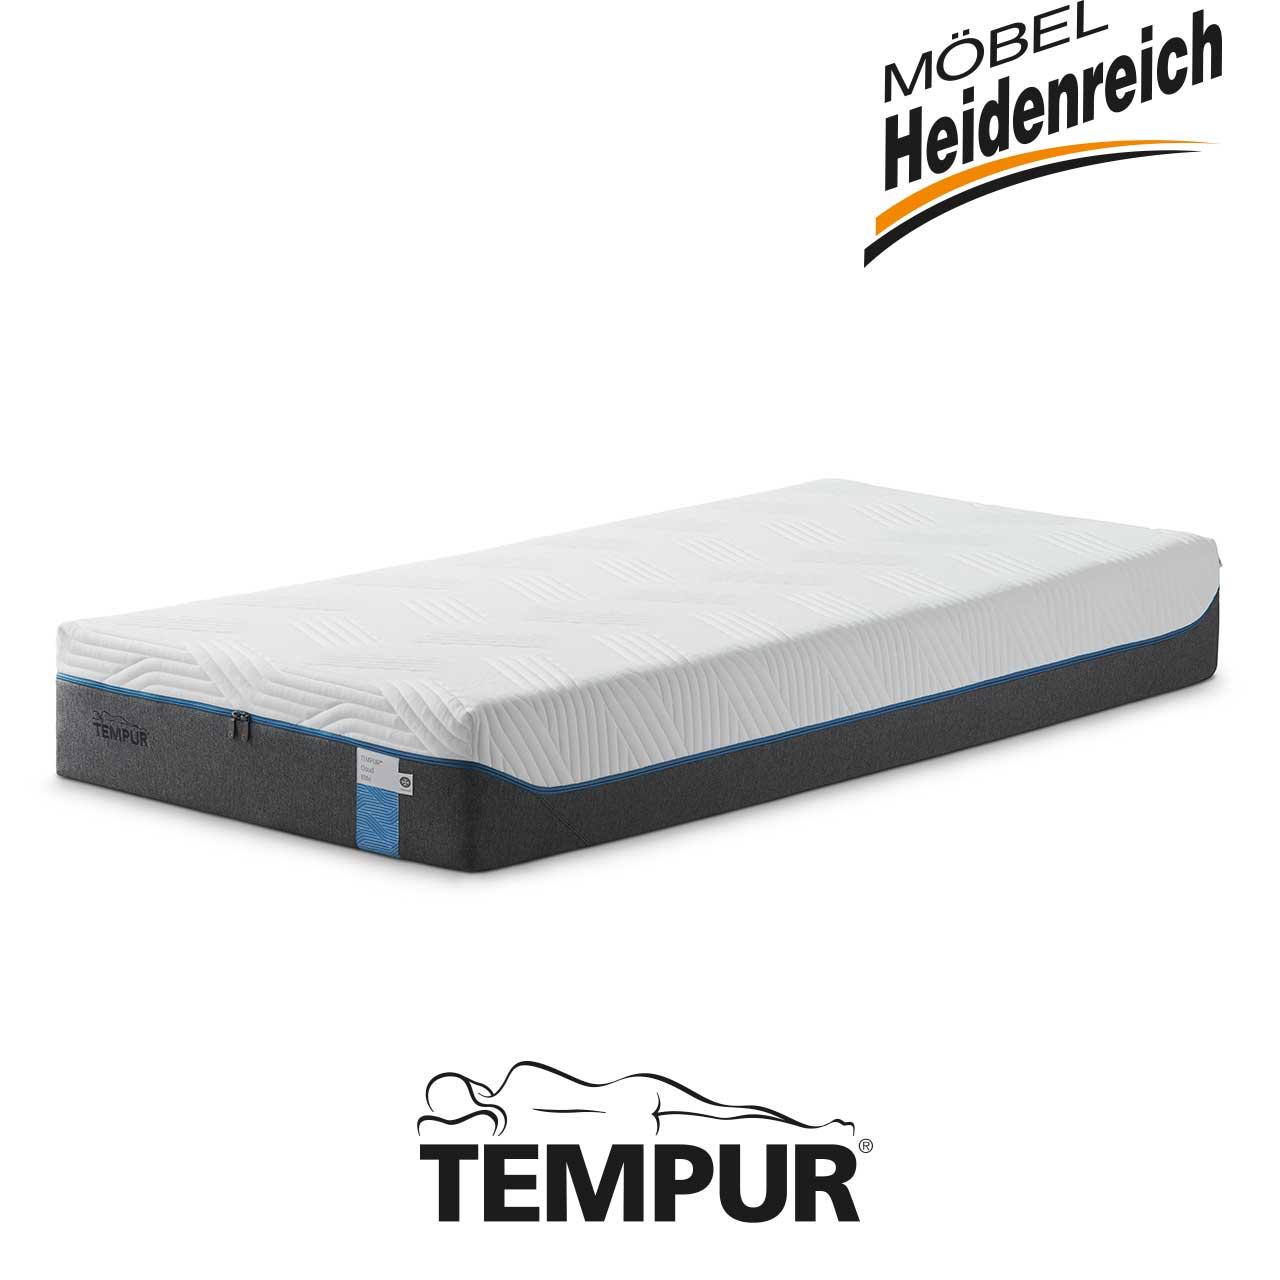 1d20d8f638bd2e Tempur Matratze Sensation 25 zum Sonderpreis